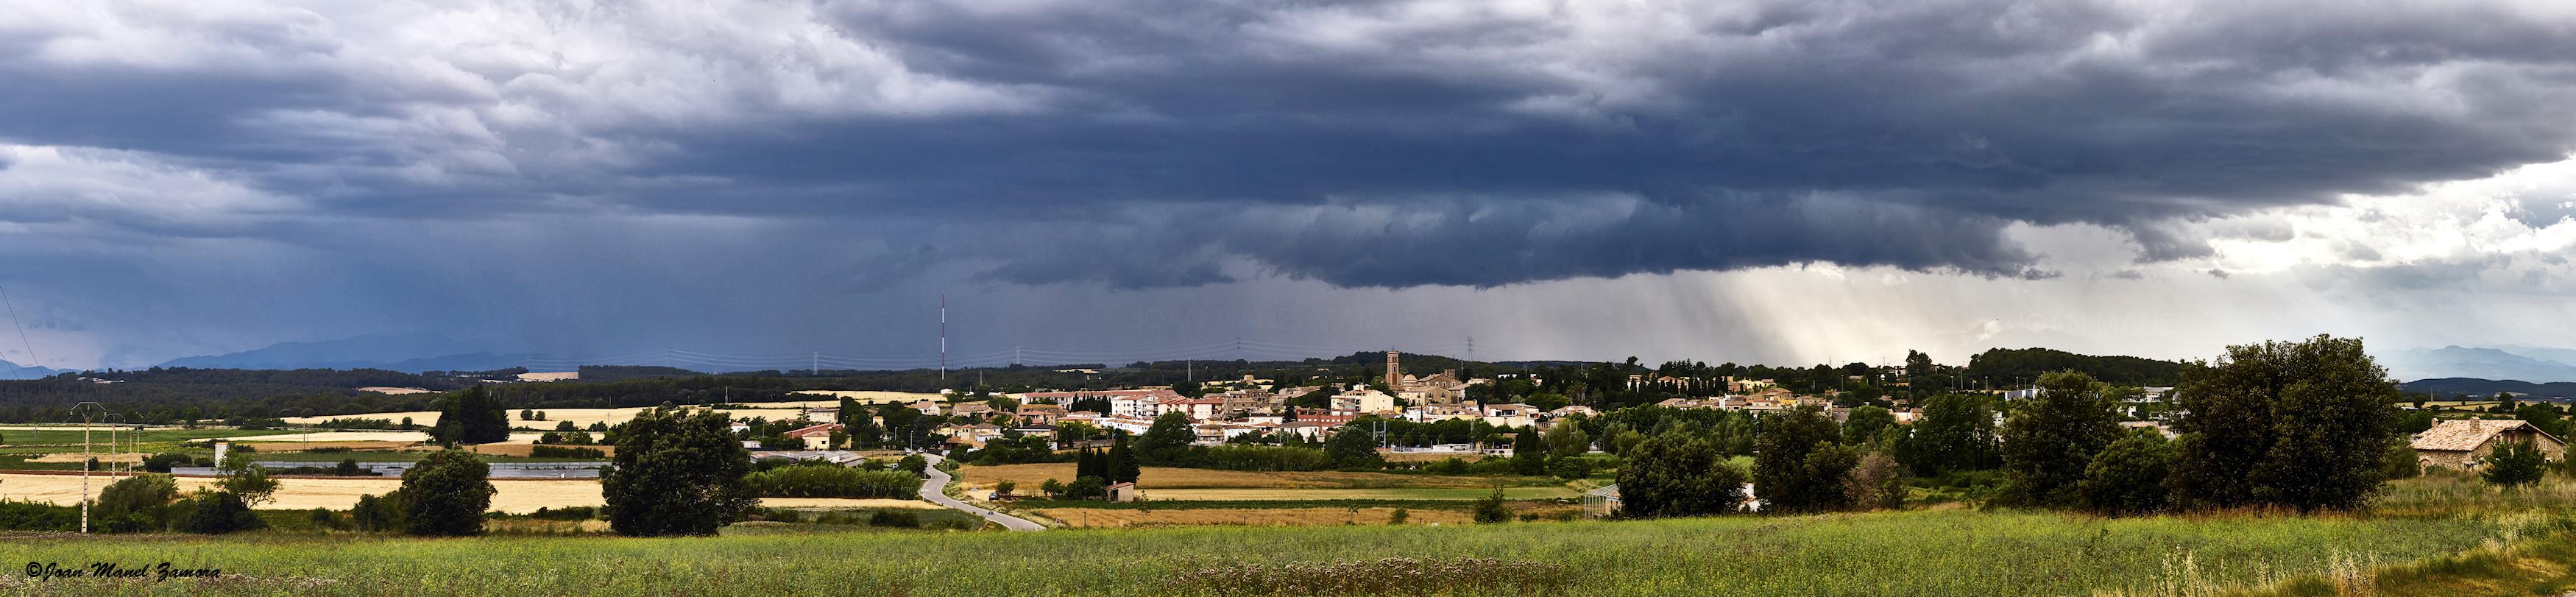 CAMALLERA  - Girona